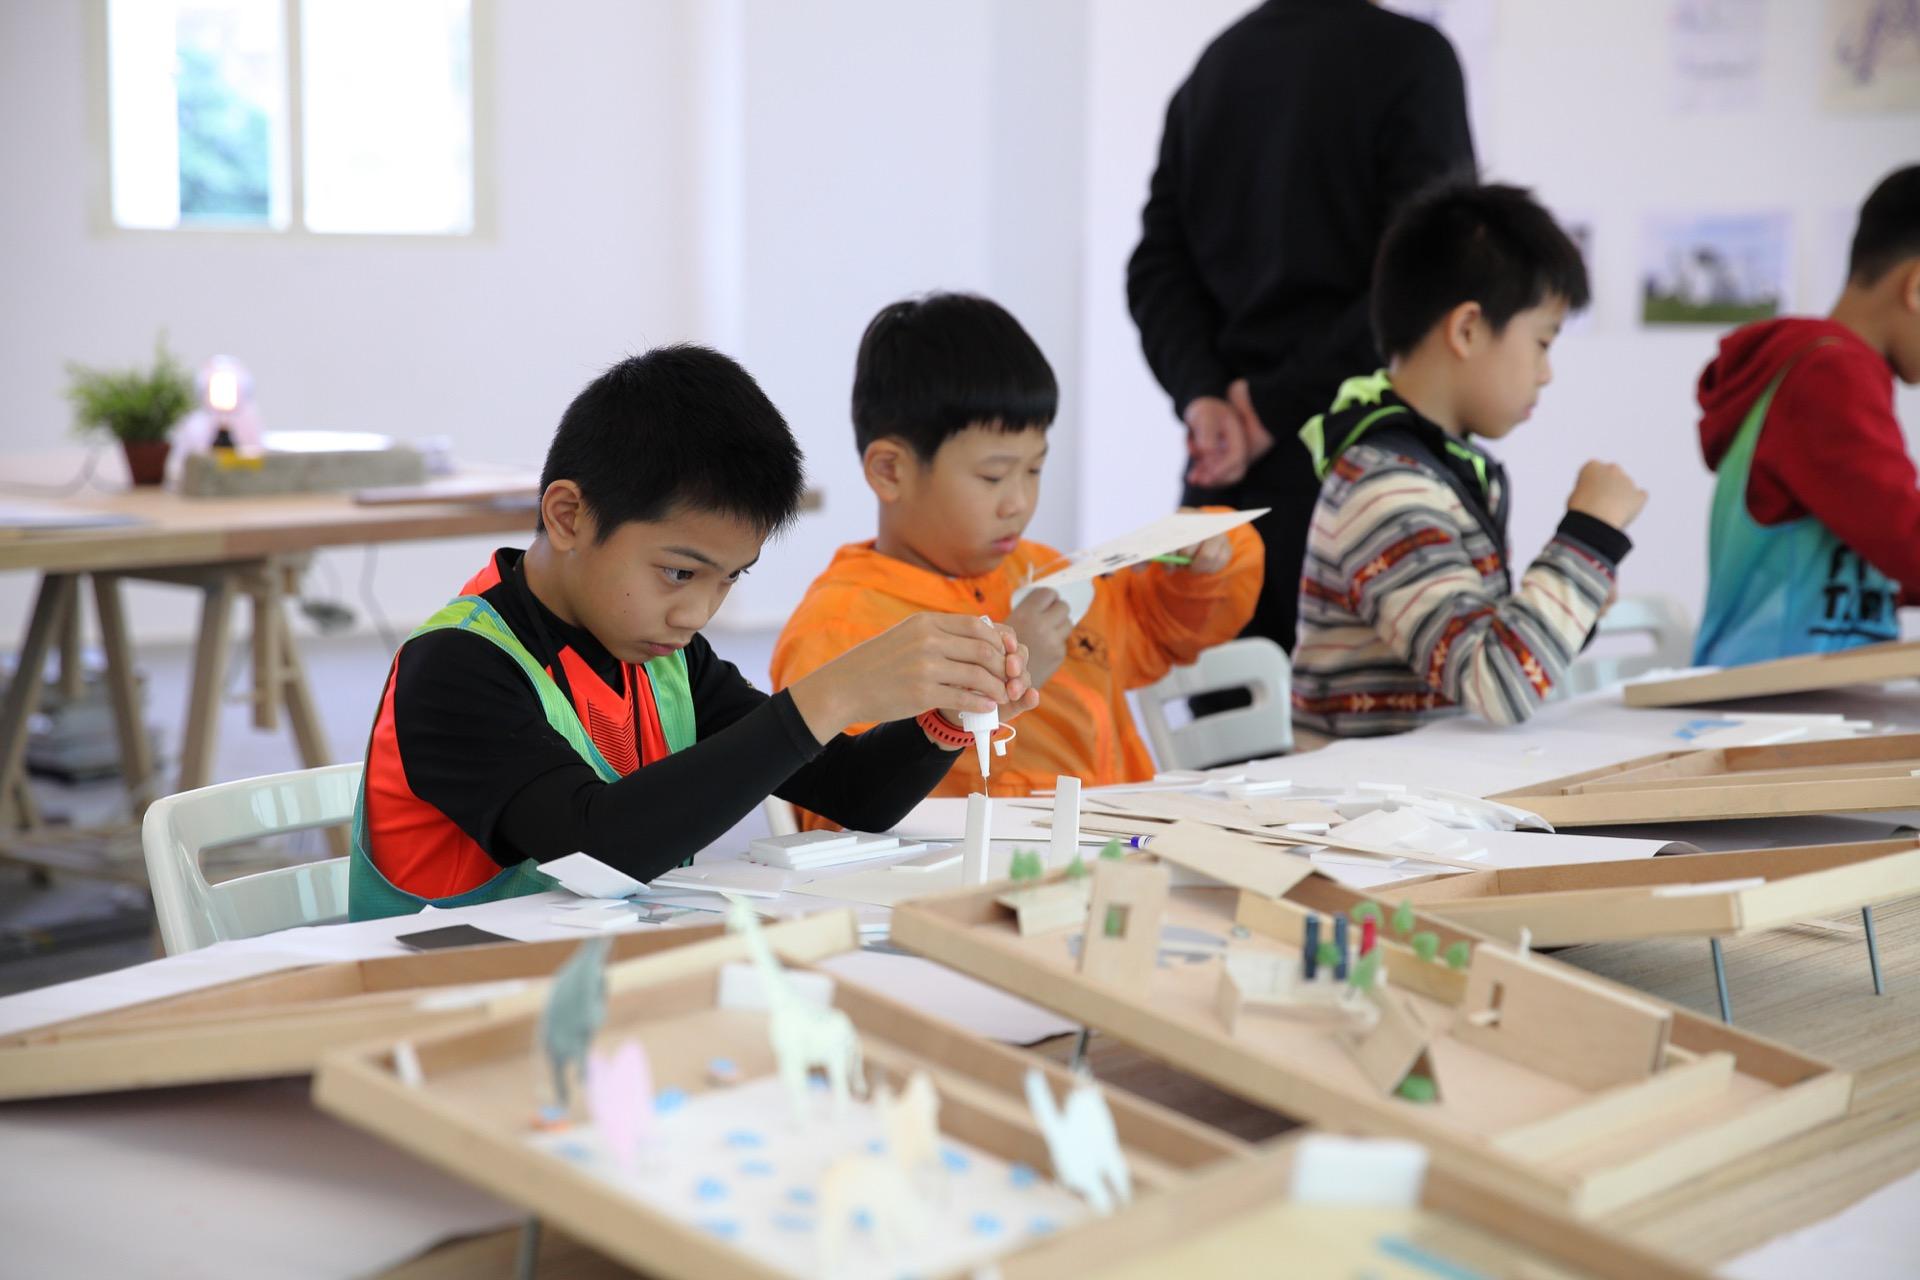 德築-DEZU-project-Fun3sport-children-pinball-create-11